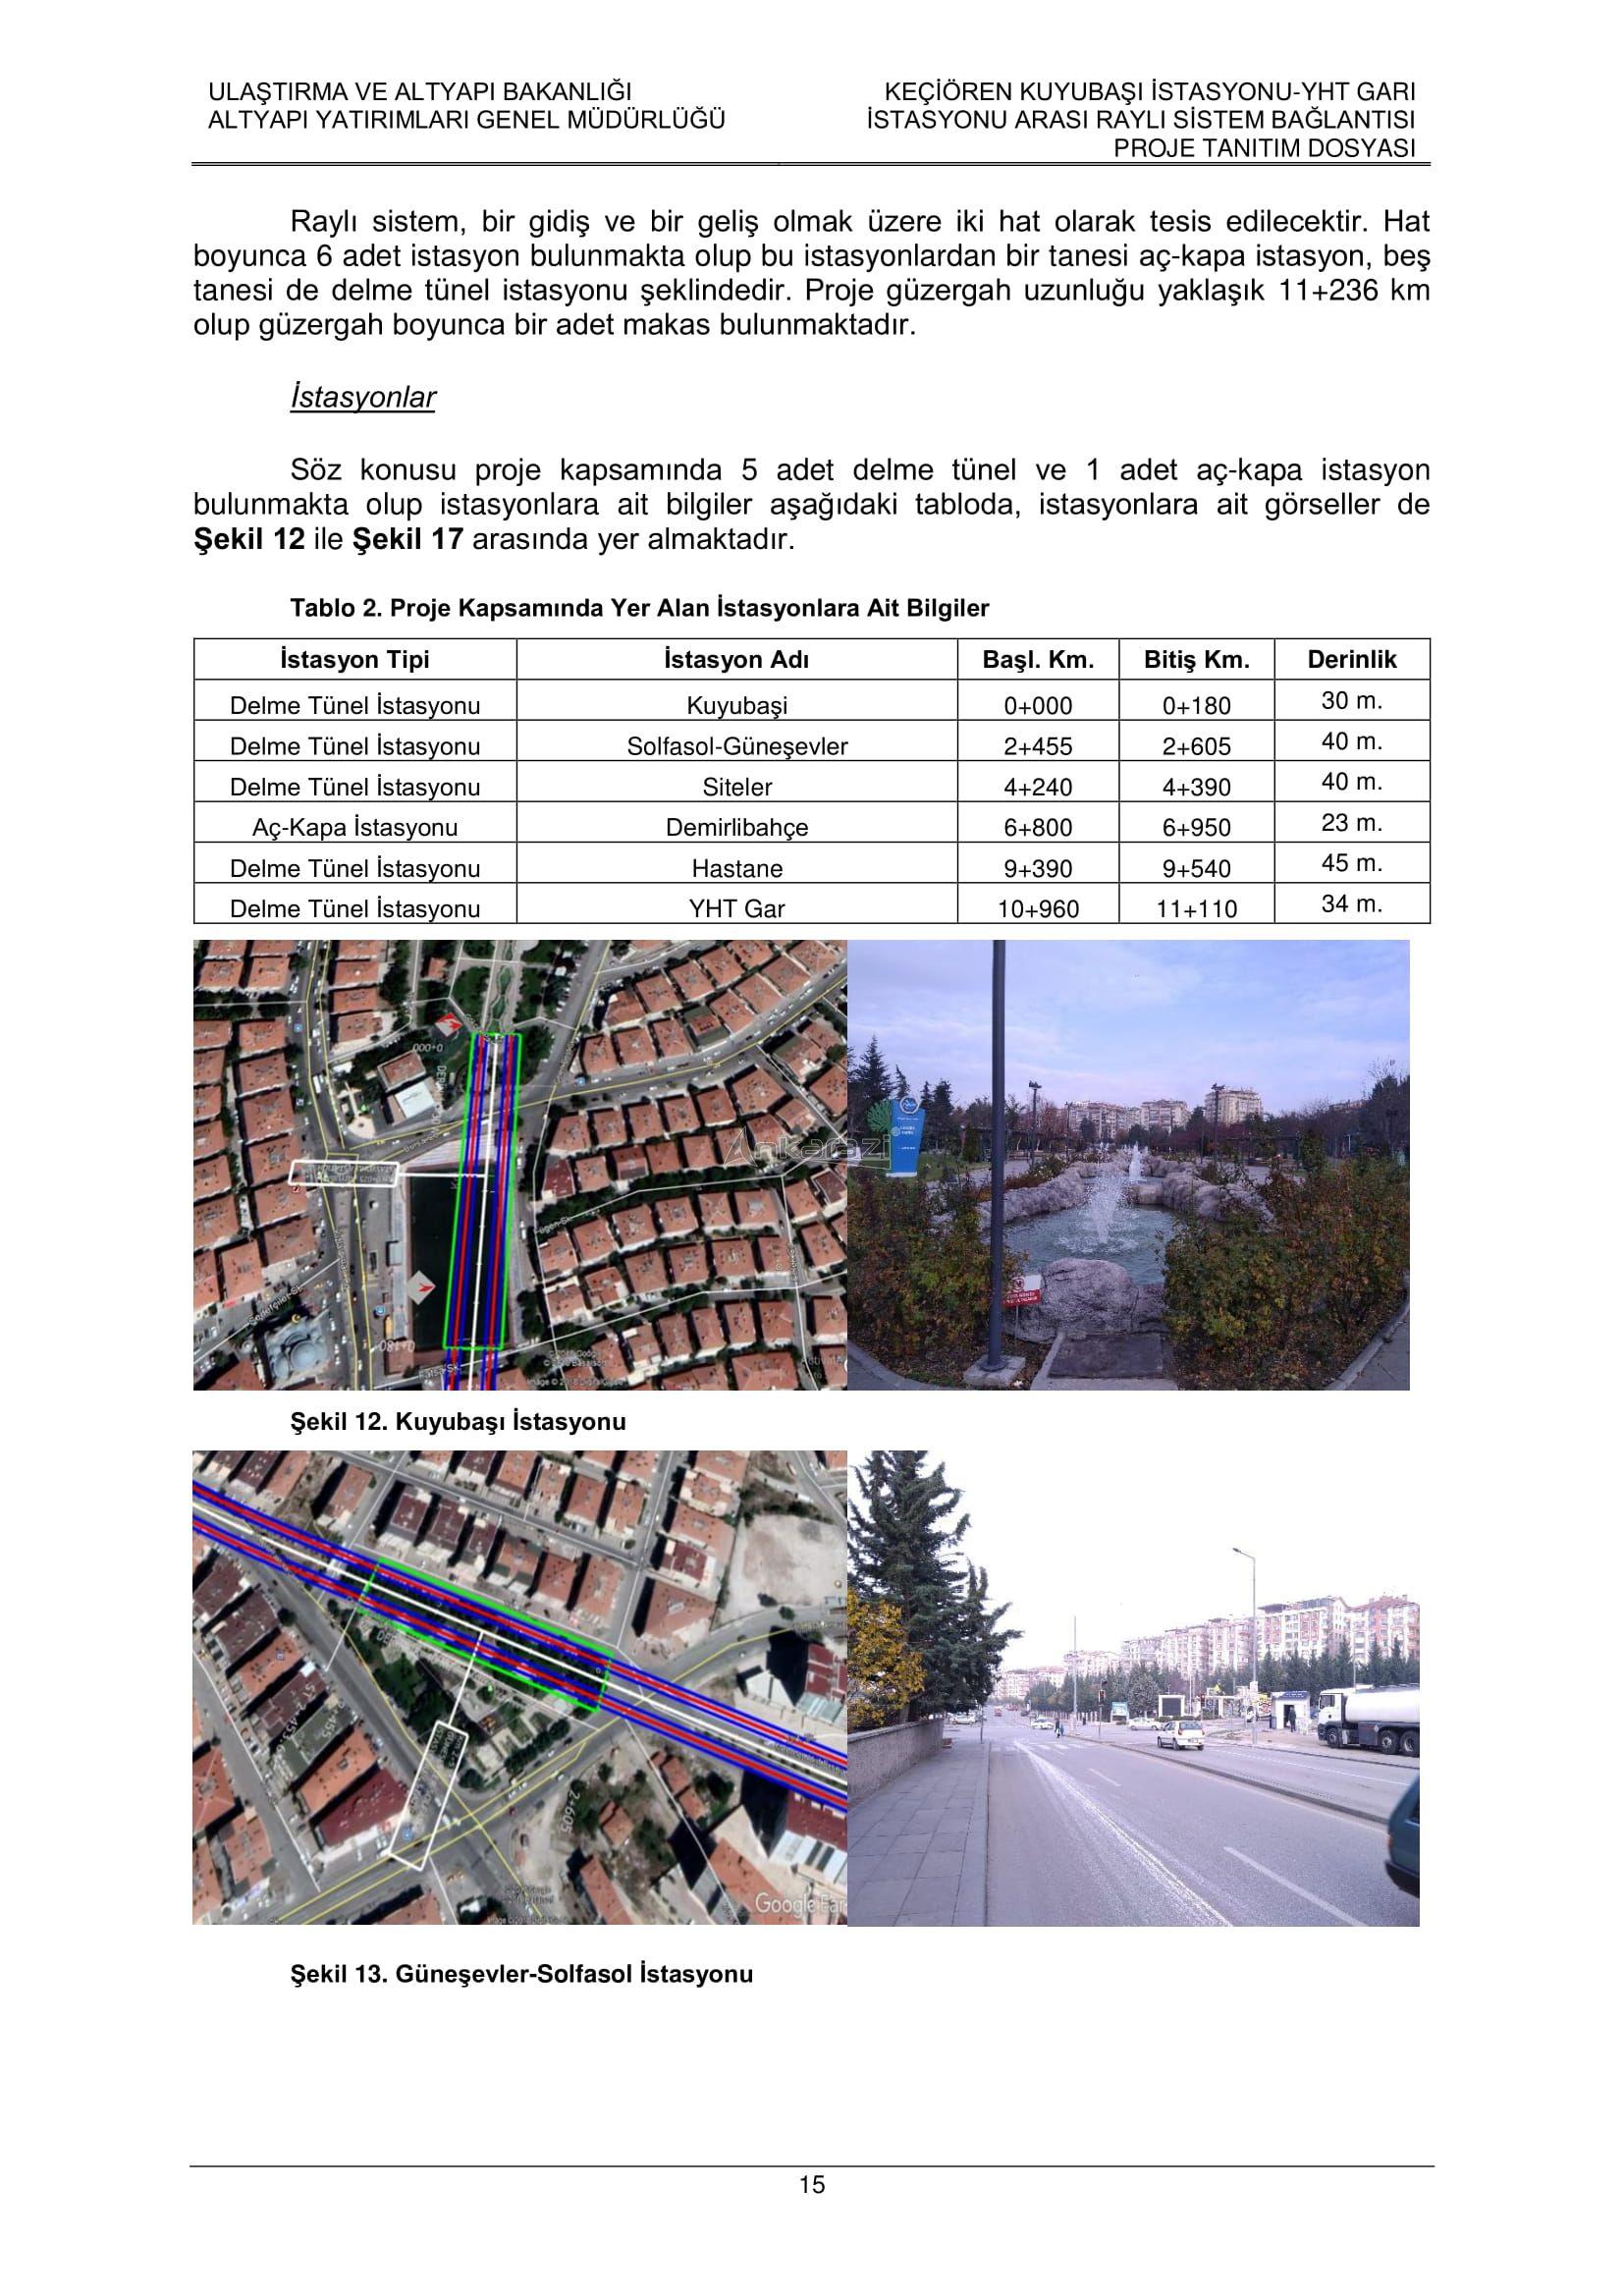 Keçiören-Siteler-YHT Garı Metro Hattı, Nihai Proje Dosyası... 3699